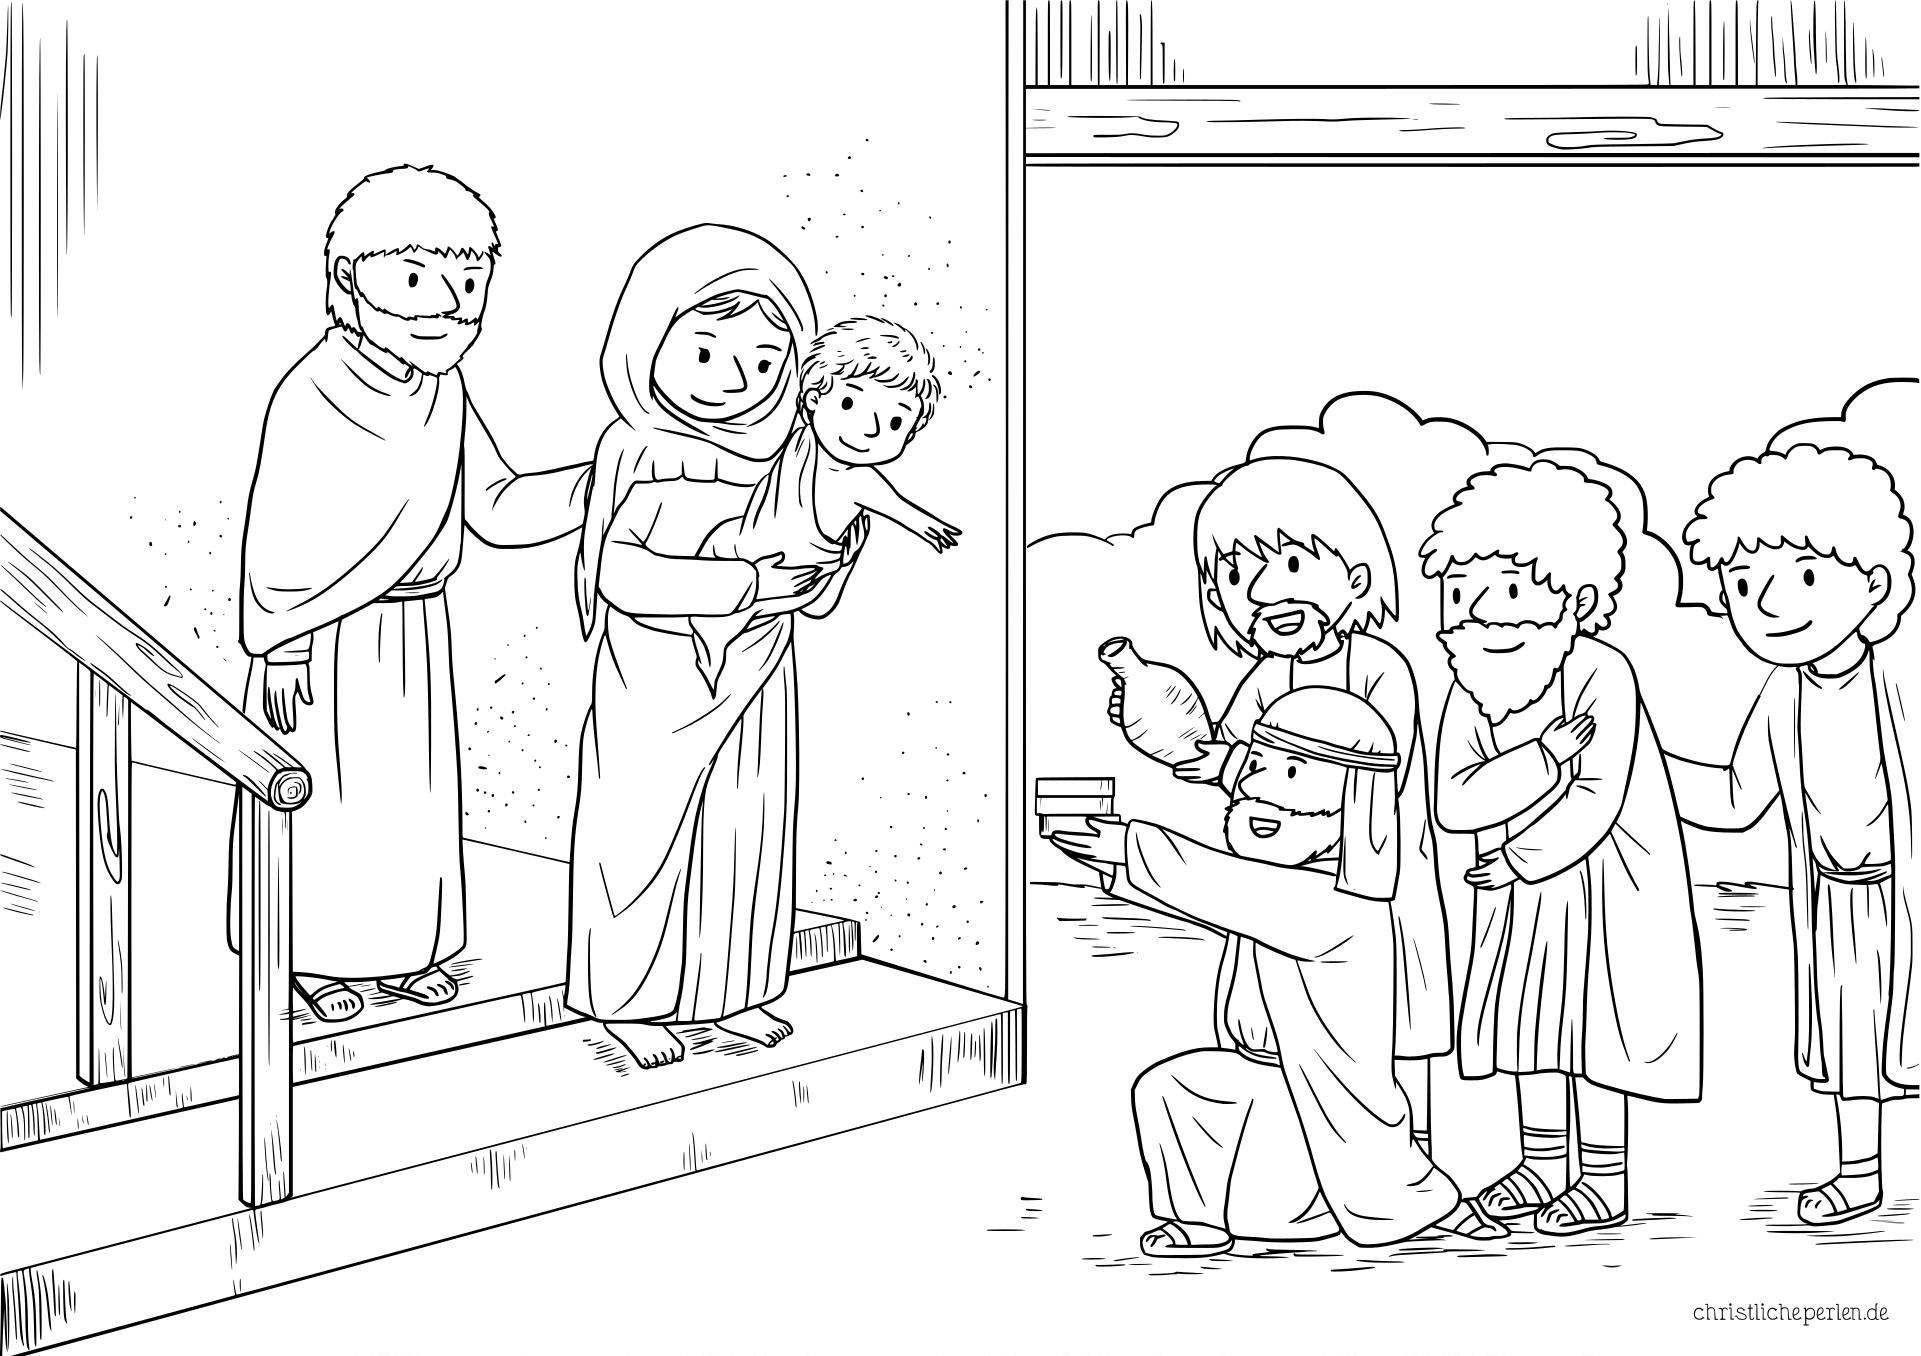 Ausmalbilder Zu Weihnachten Christliche Perlen